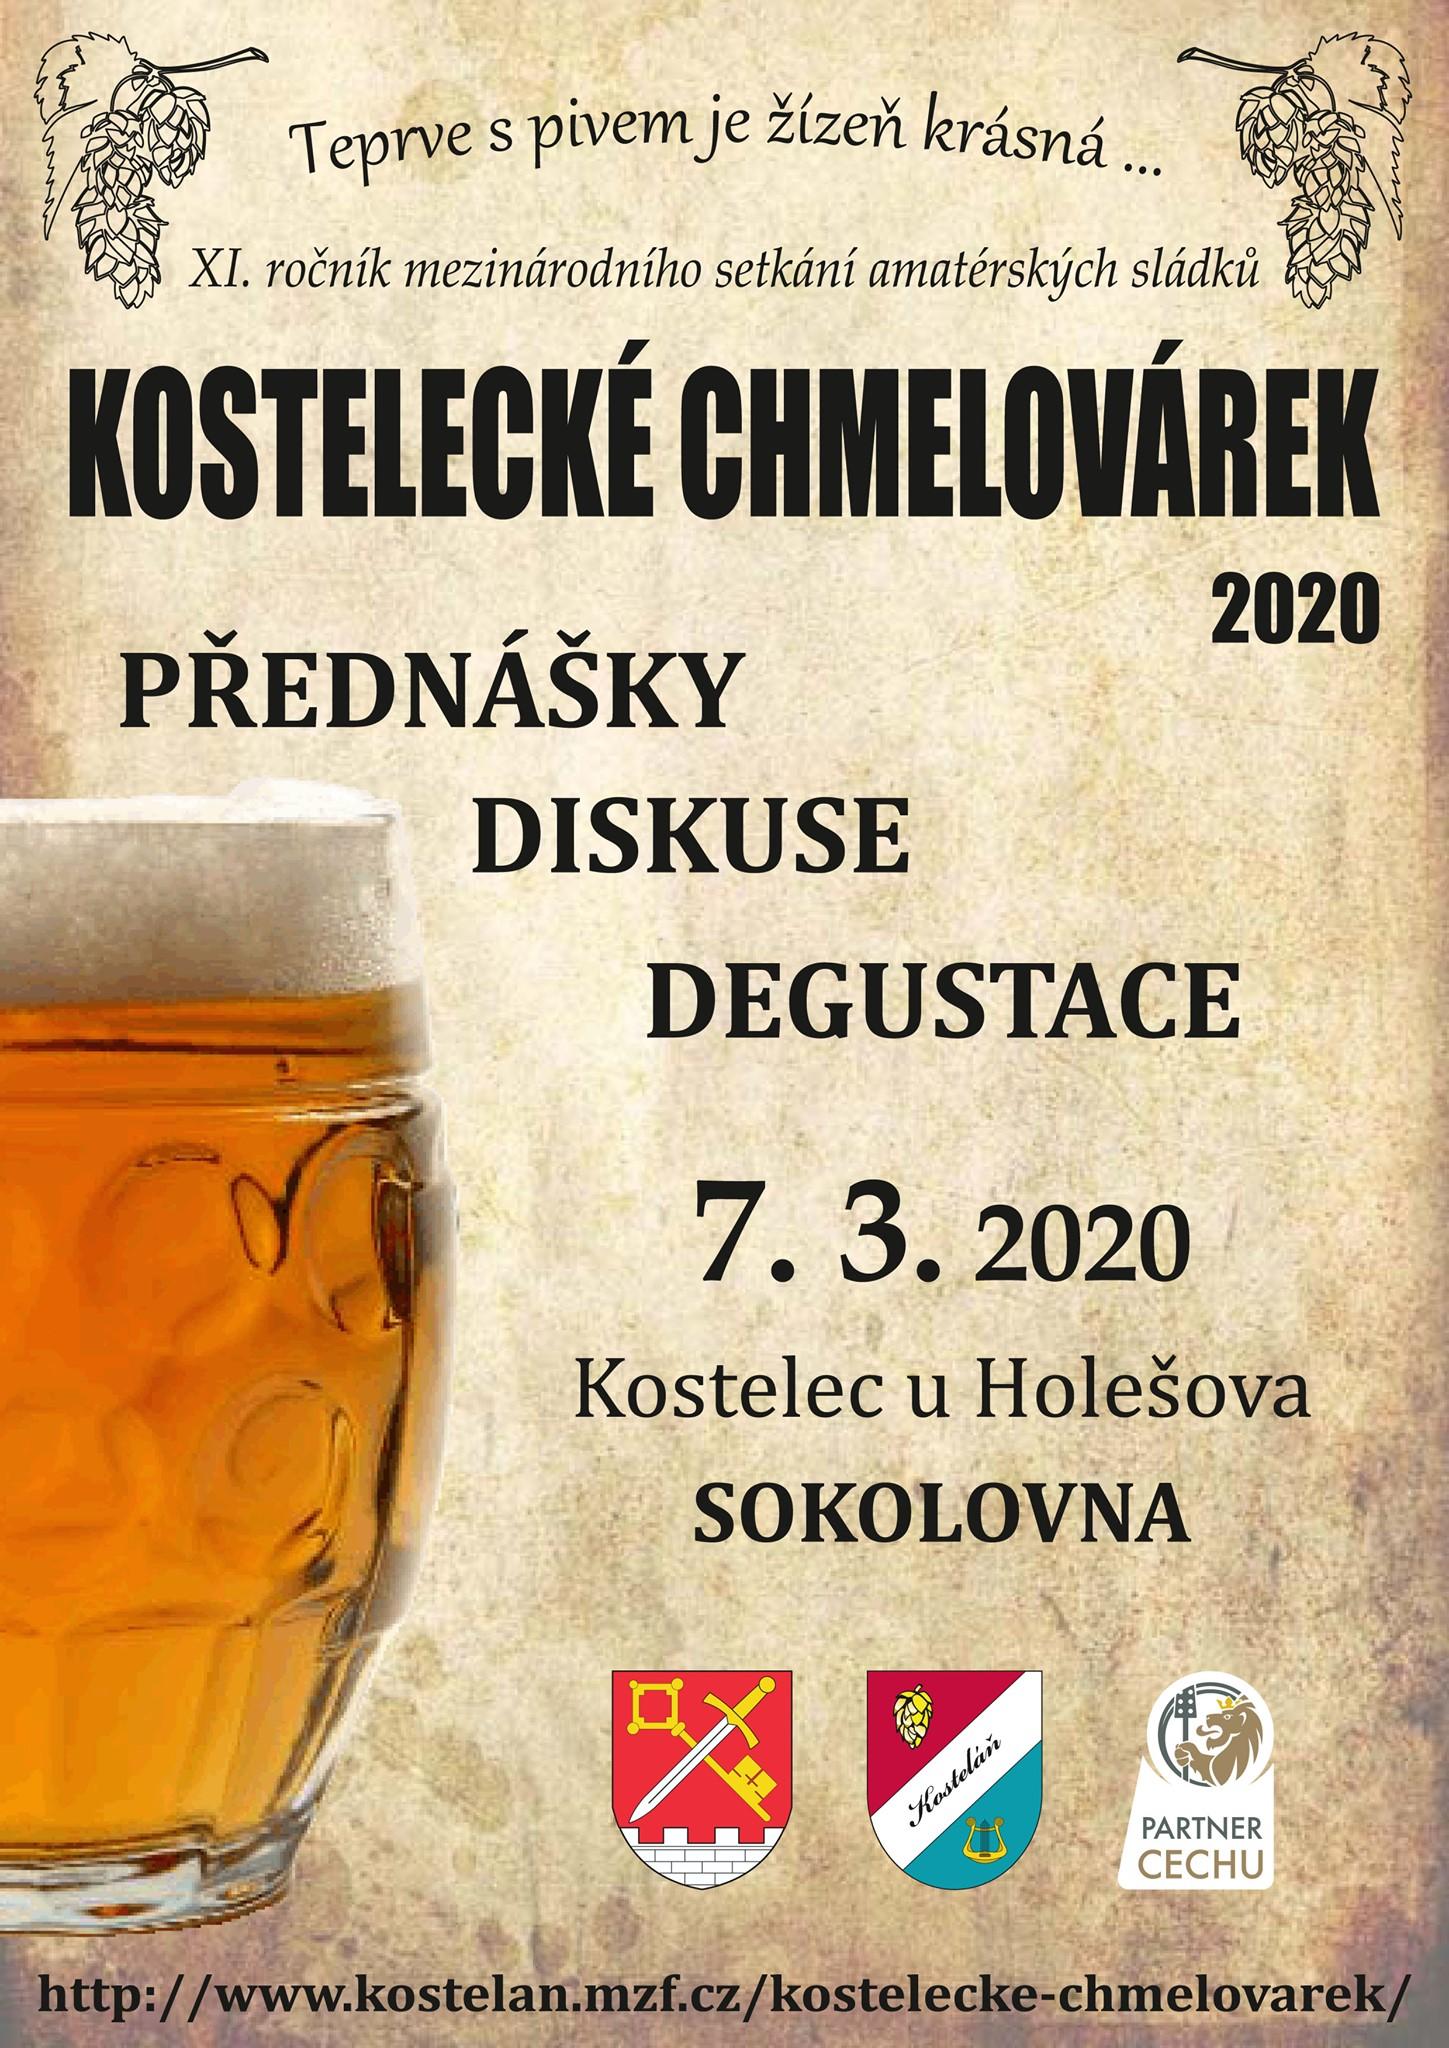 pivovary-pivni-akce-kostelecke-chmelovarek-2020